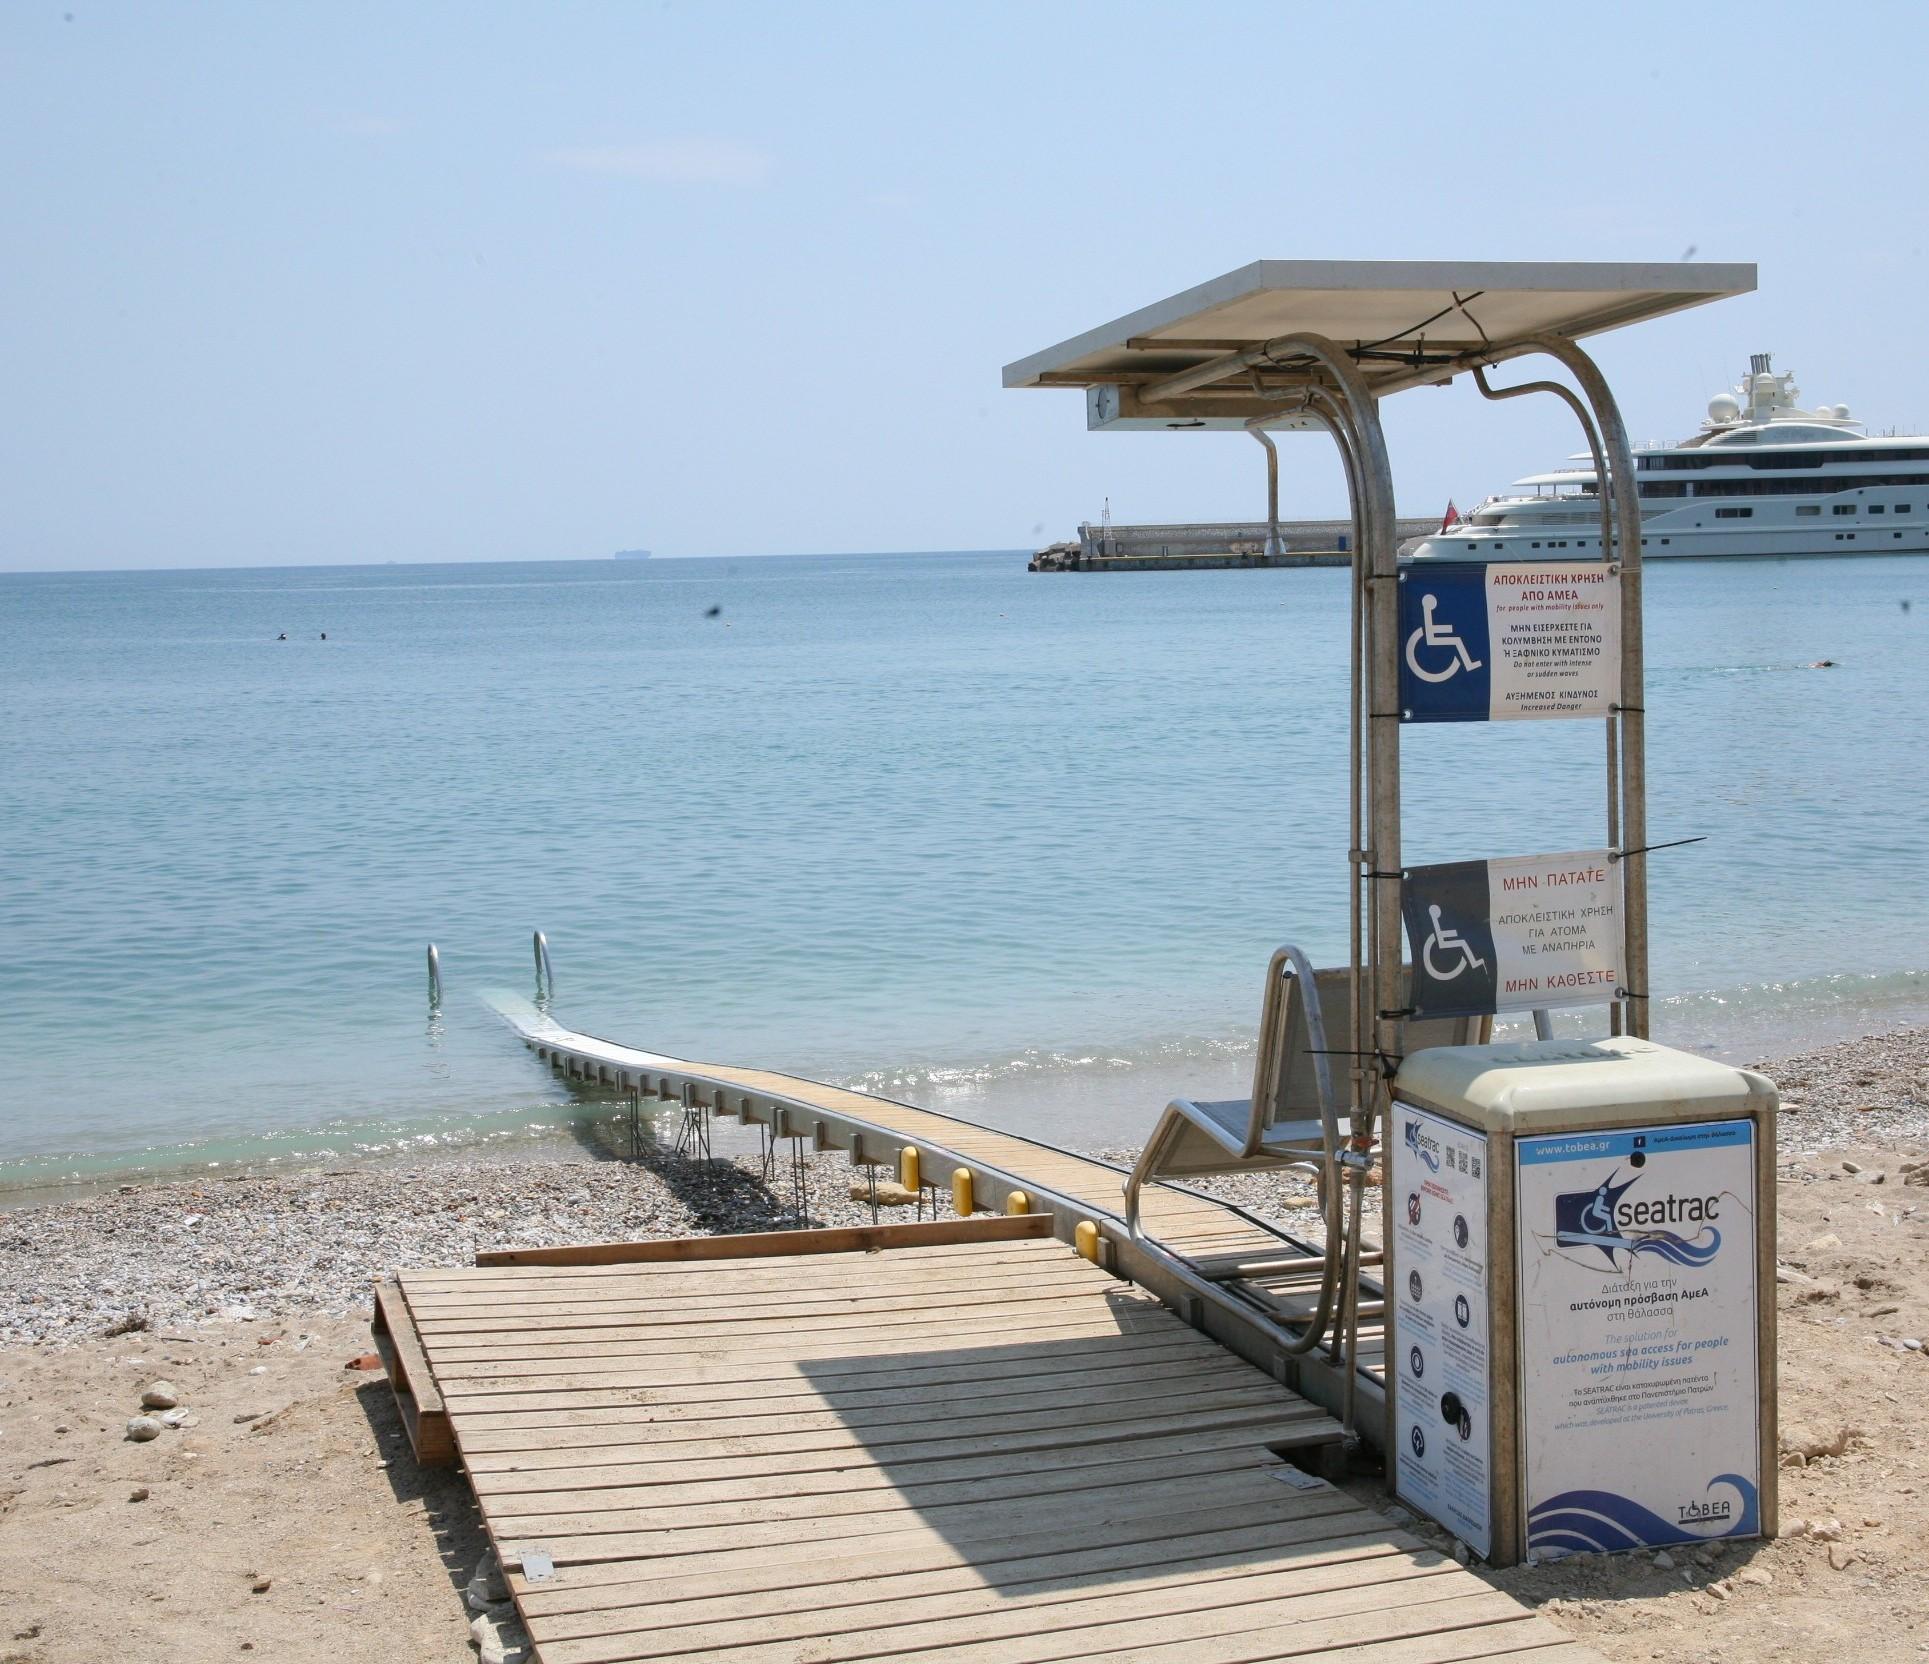 Πειραιάς: Σύστημα πρόσβασης στην παραλία Βοτσαλάκια για άτομα με αναπηρία